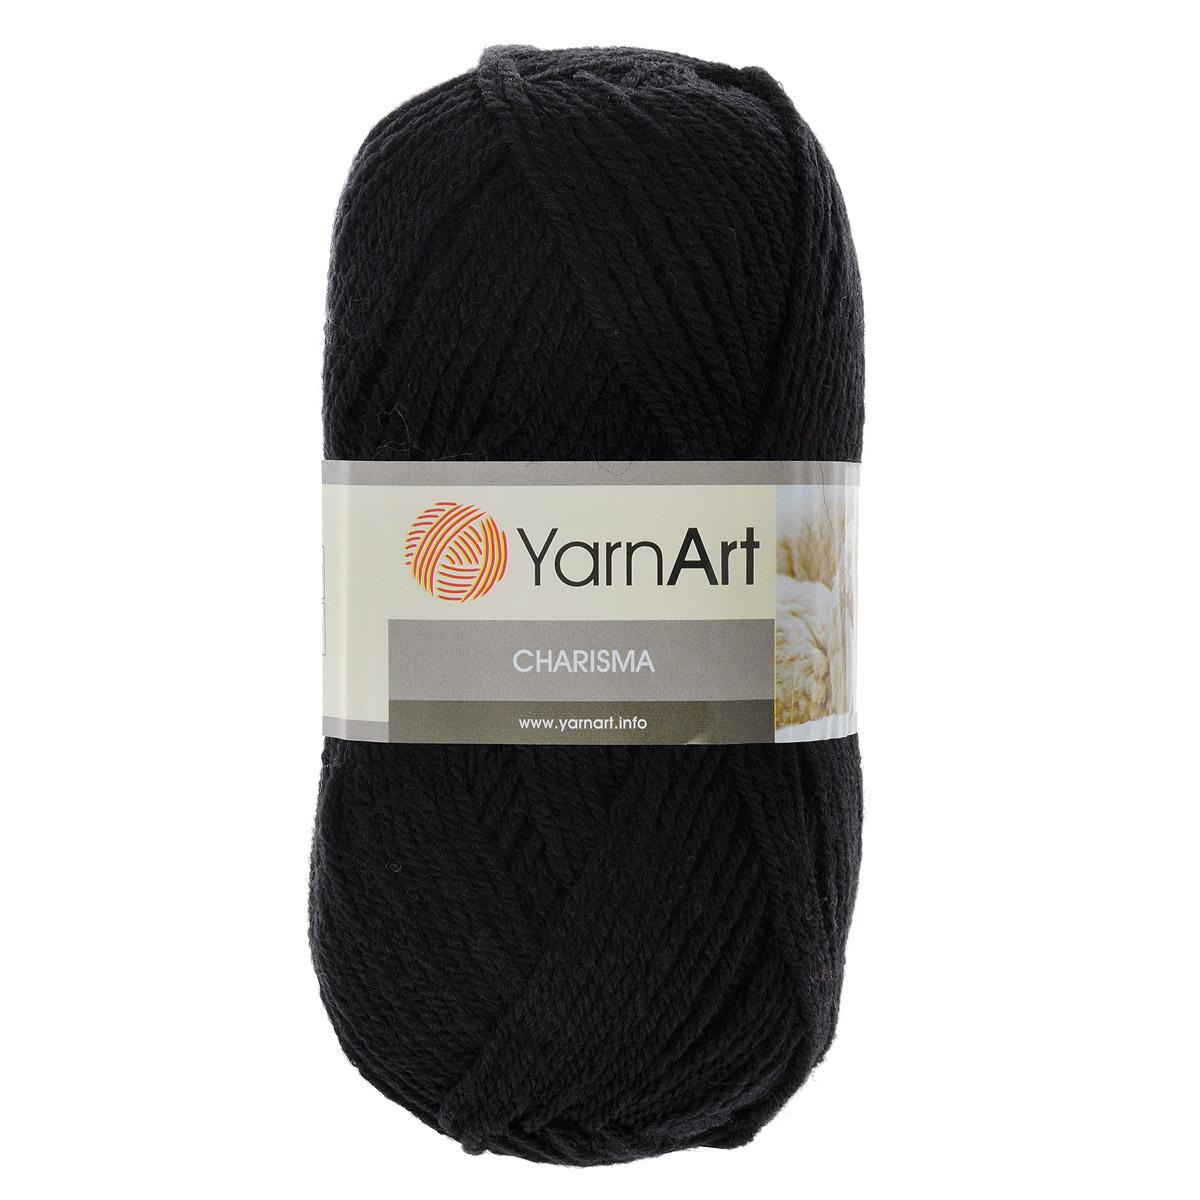 Пряжа для вязания YarnArt Charisma, цвет: черный (585), 200 м, 100 г, 5 шт372032_585Пряжа для вязания YarnArt Charisma изготовлена из шерсти и акрила. Эта полушерстяная классическая пряжа подходит для ручного вязания. Нить мягкая, плотной скрутки, послушная, не расслаивается, не тянется, легко распускается и не деформируется. Благодаря преобладанию шерсти в составе пряжи, изделия получаются очень теплыми, а небольшой процент акрила придает практичности, поэтому вещи из этой пряжи не деформируются после стирки и в процессе носки. Пряжа YarnArt Charisma — однотонной окраски с небольшим матовым эффектом. Ей можно оригинально декорировать вязаные из другой пряжи изделия. Пряжа окрашена стойкими качественными красителями, не линяет. Рекомендуются спицы 4 мм, крючок 5 мм. Состав: 80% шерсть, 20% акрил.